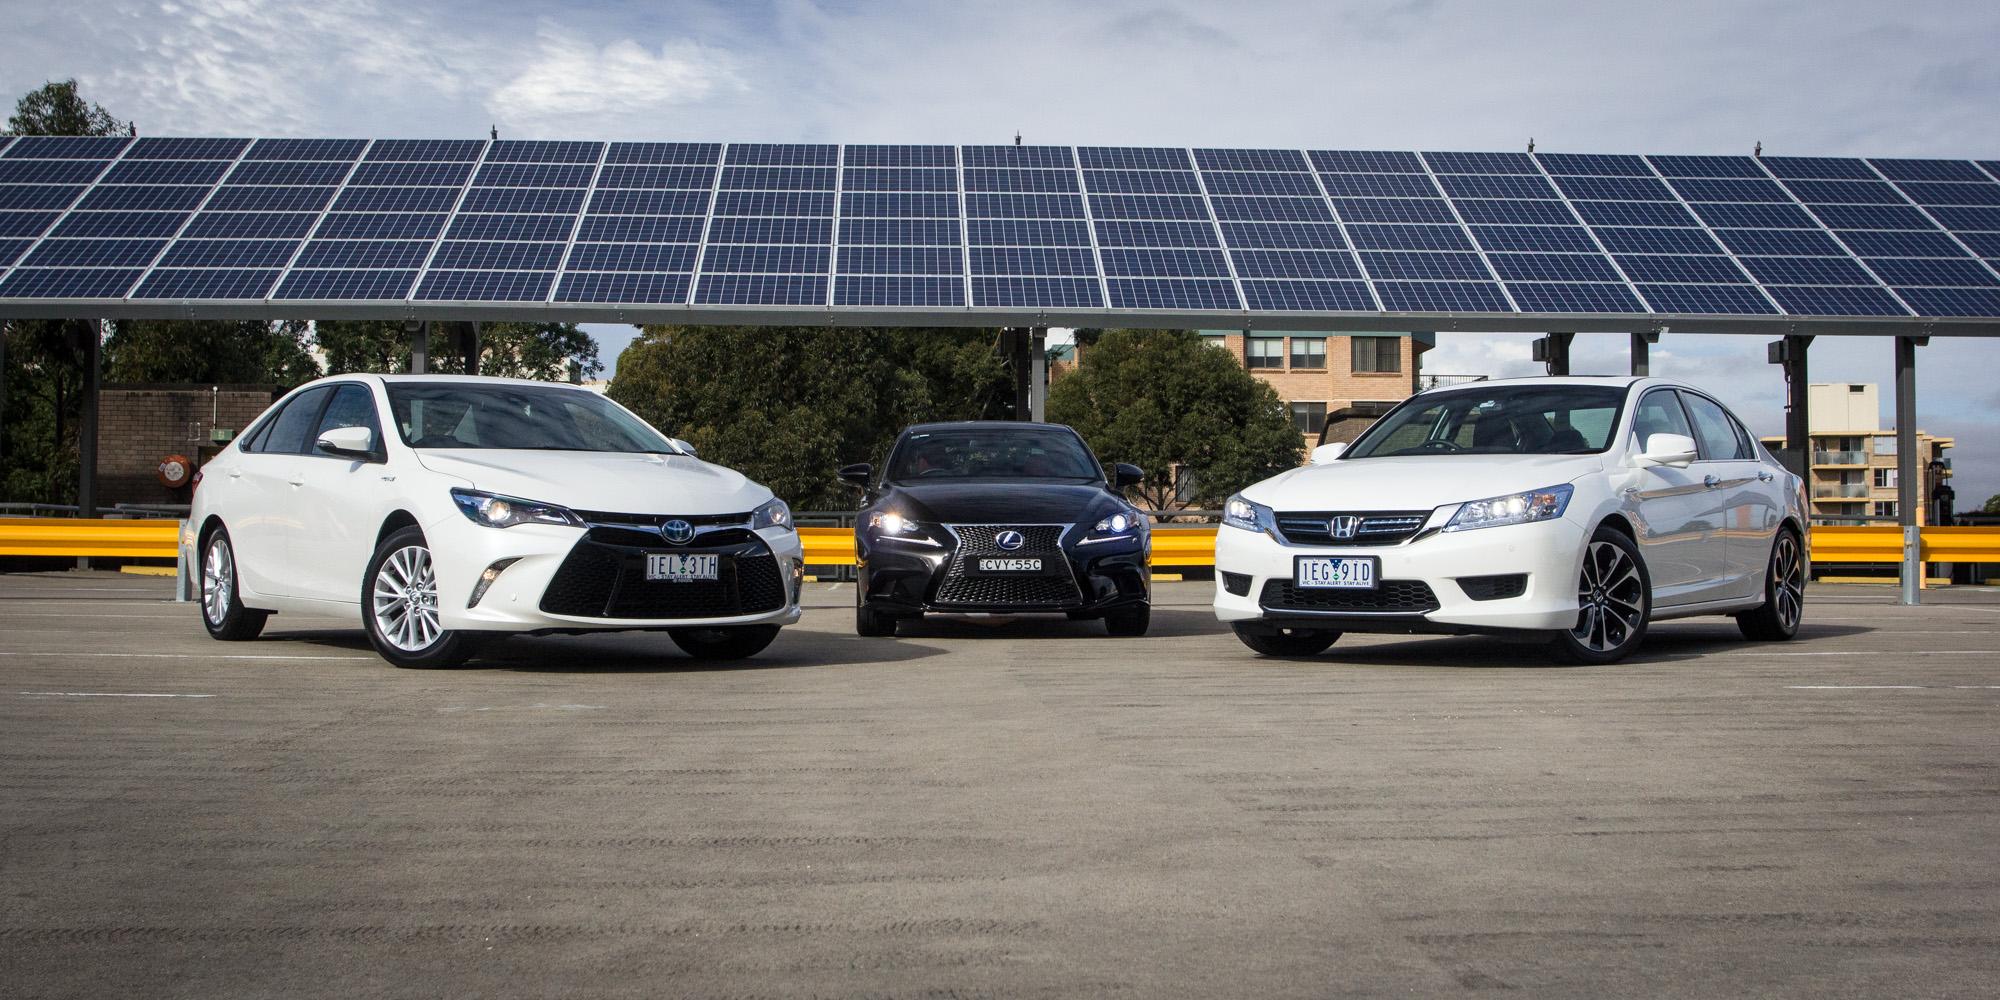 Toyota camry hybrid atara sl v honda accord sport hybrid v lexus